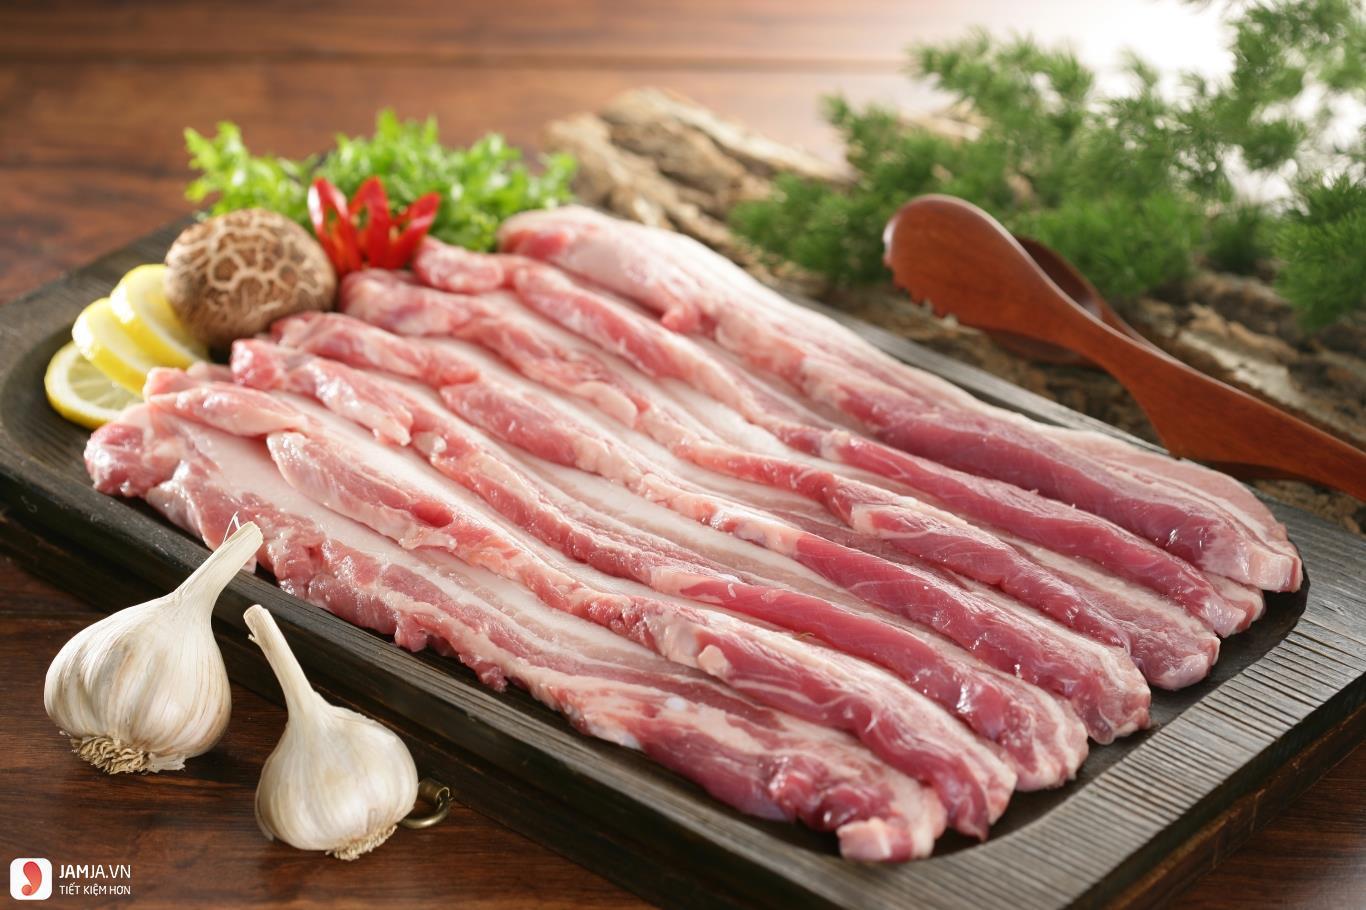 Thịt ba chỉ xiên nướng 1